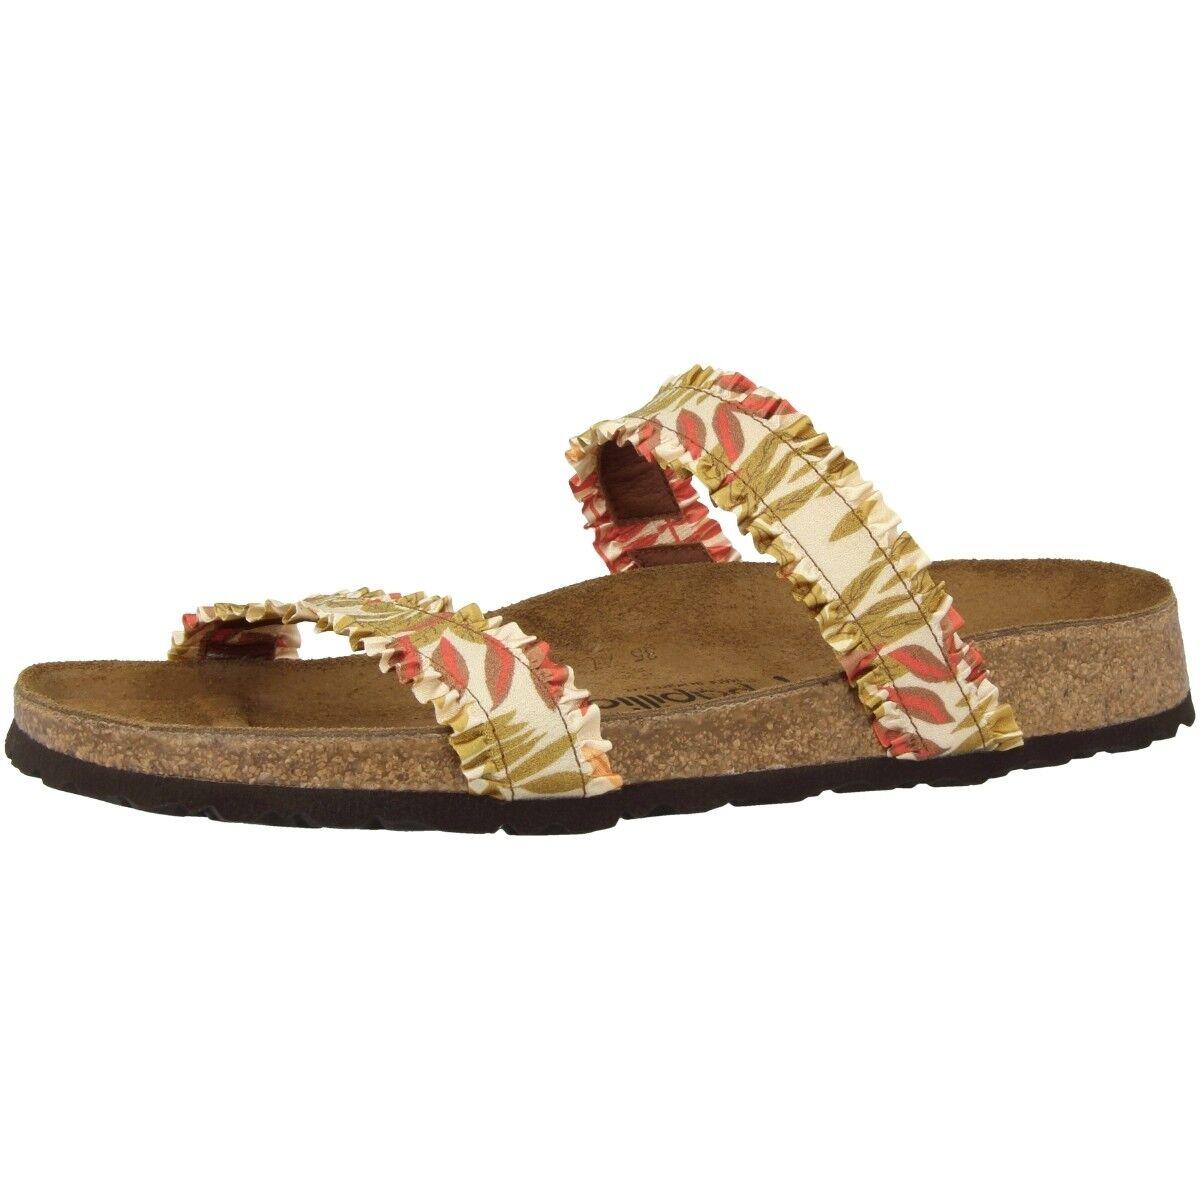 Birkenstock Papillio Curacao Stretch Sandalen Pantoletten Weite schmal 1009894